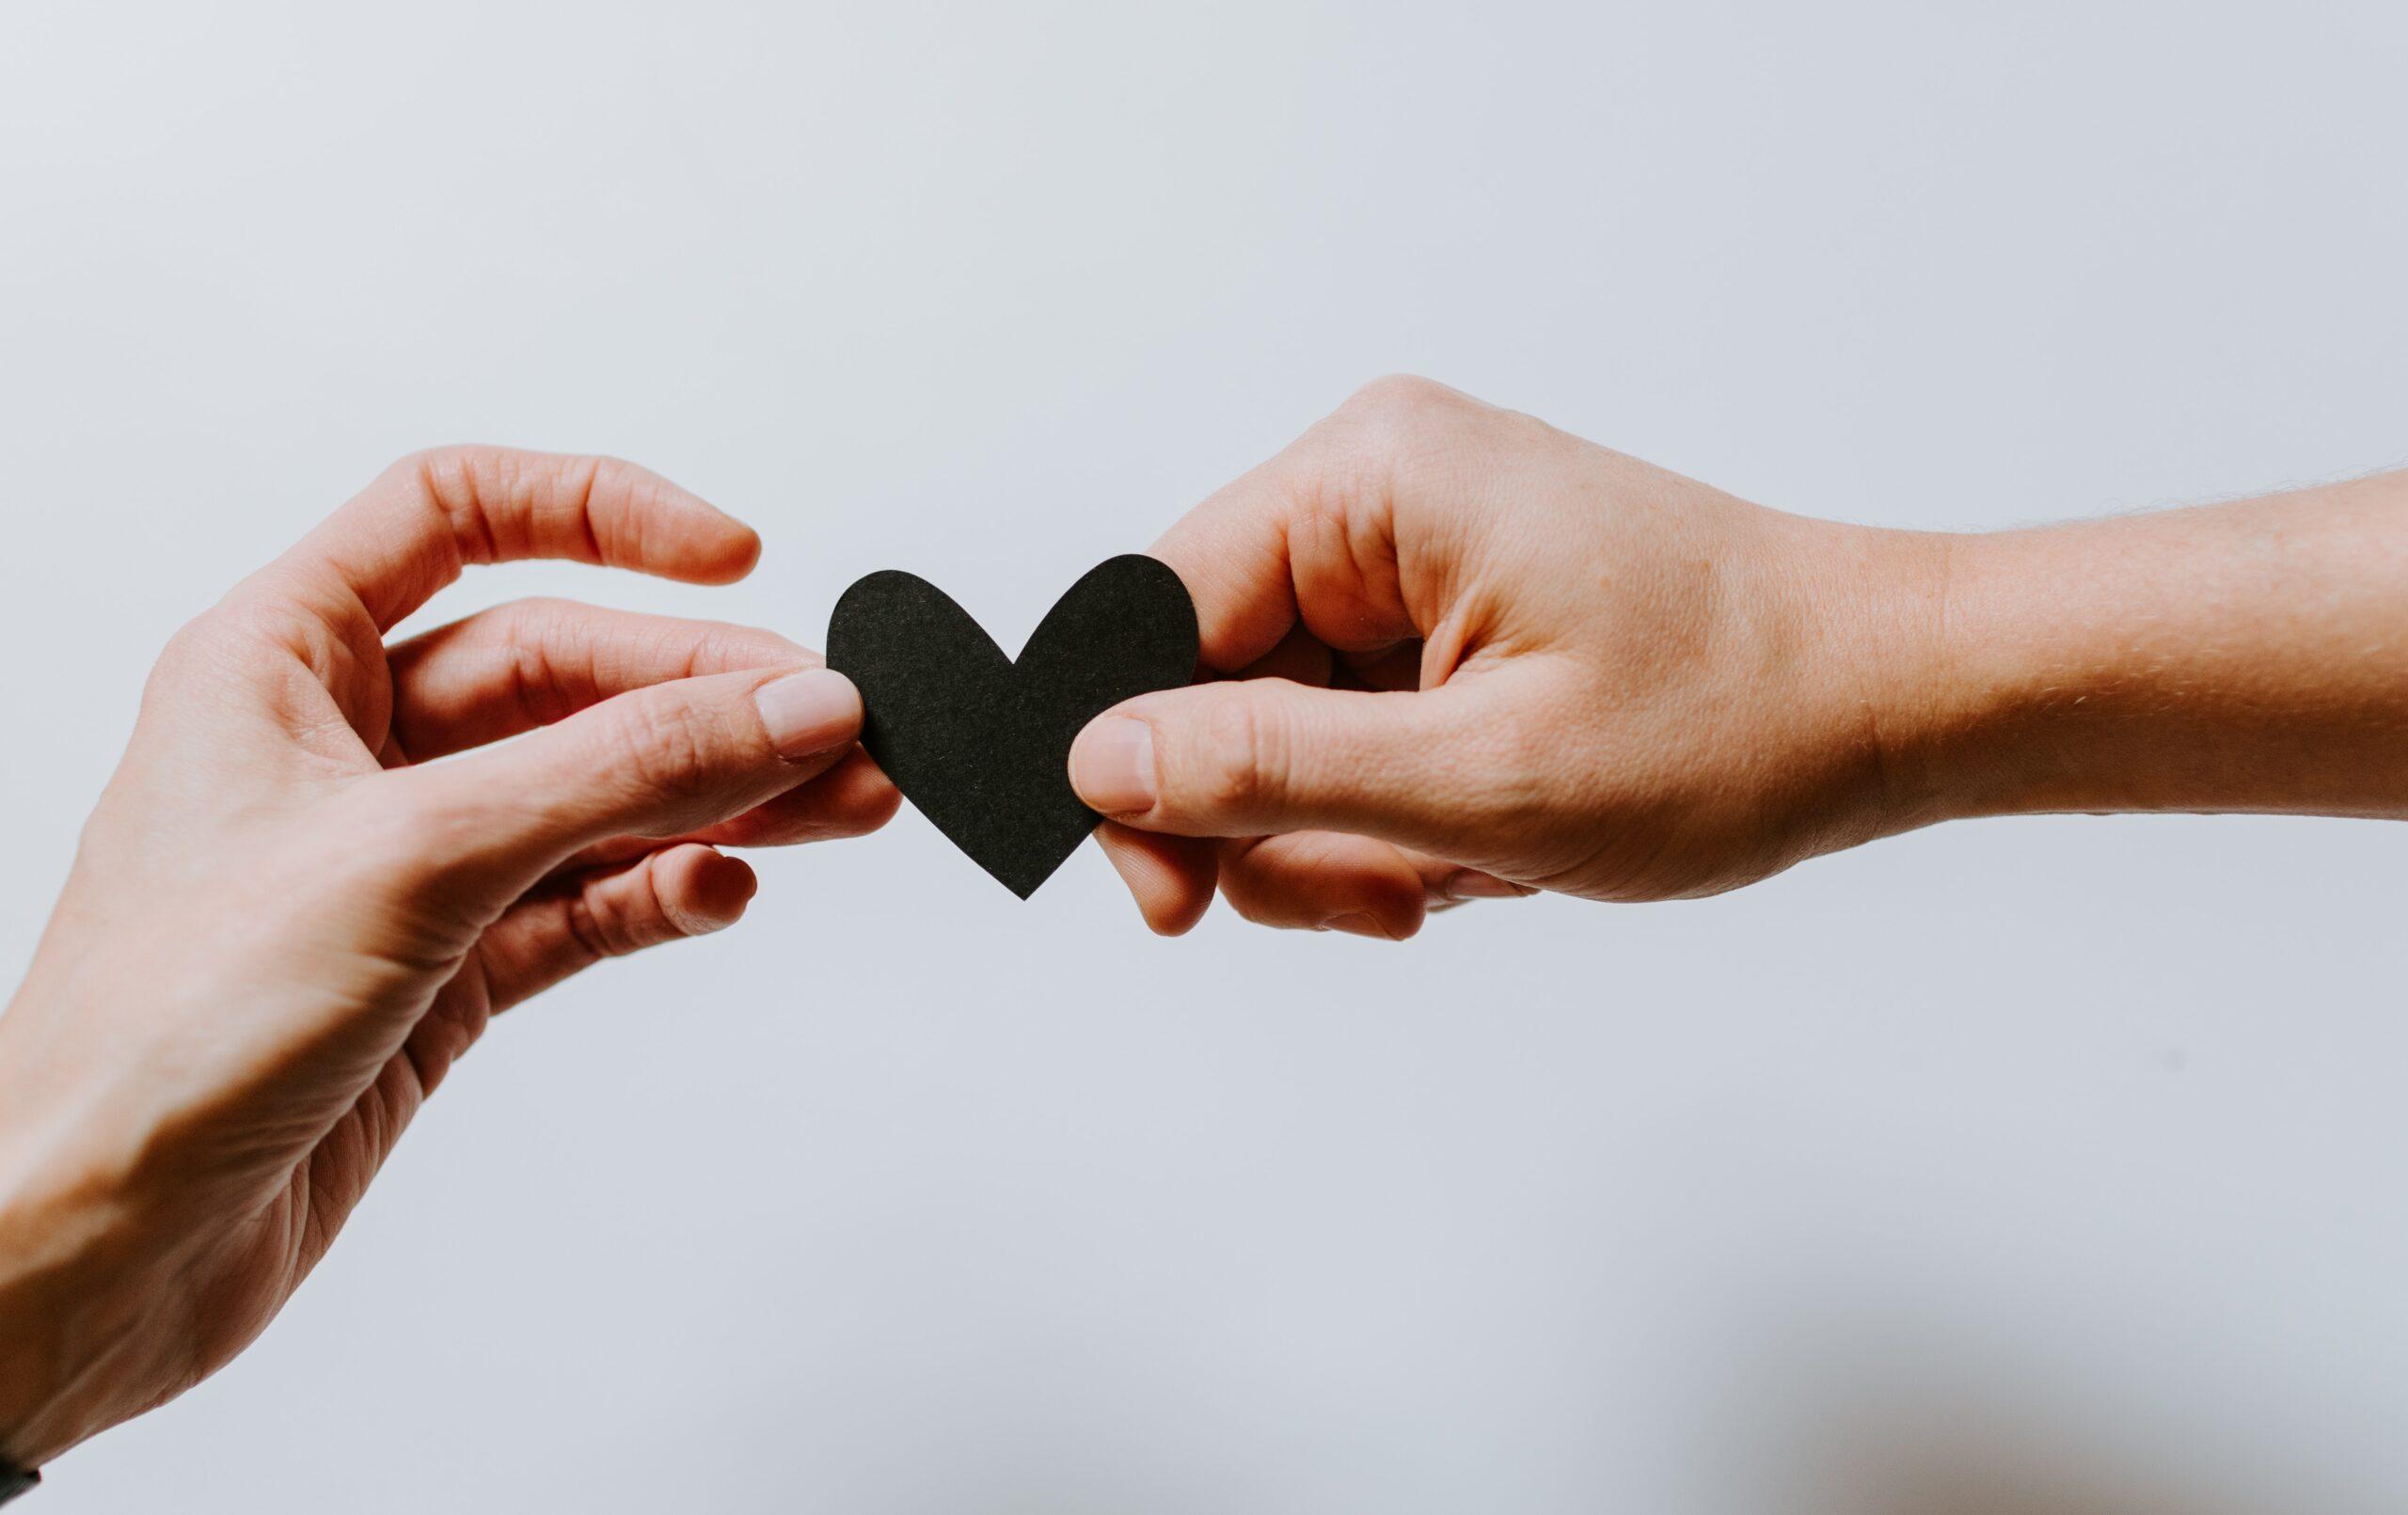 Un corazón como el de Jesús